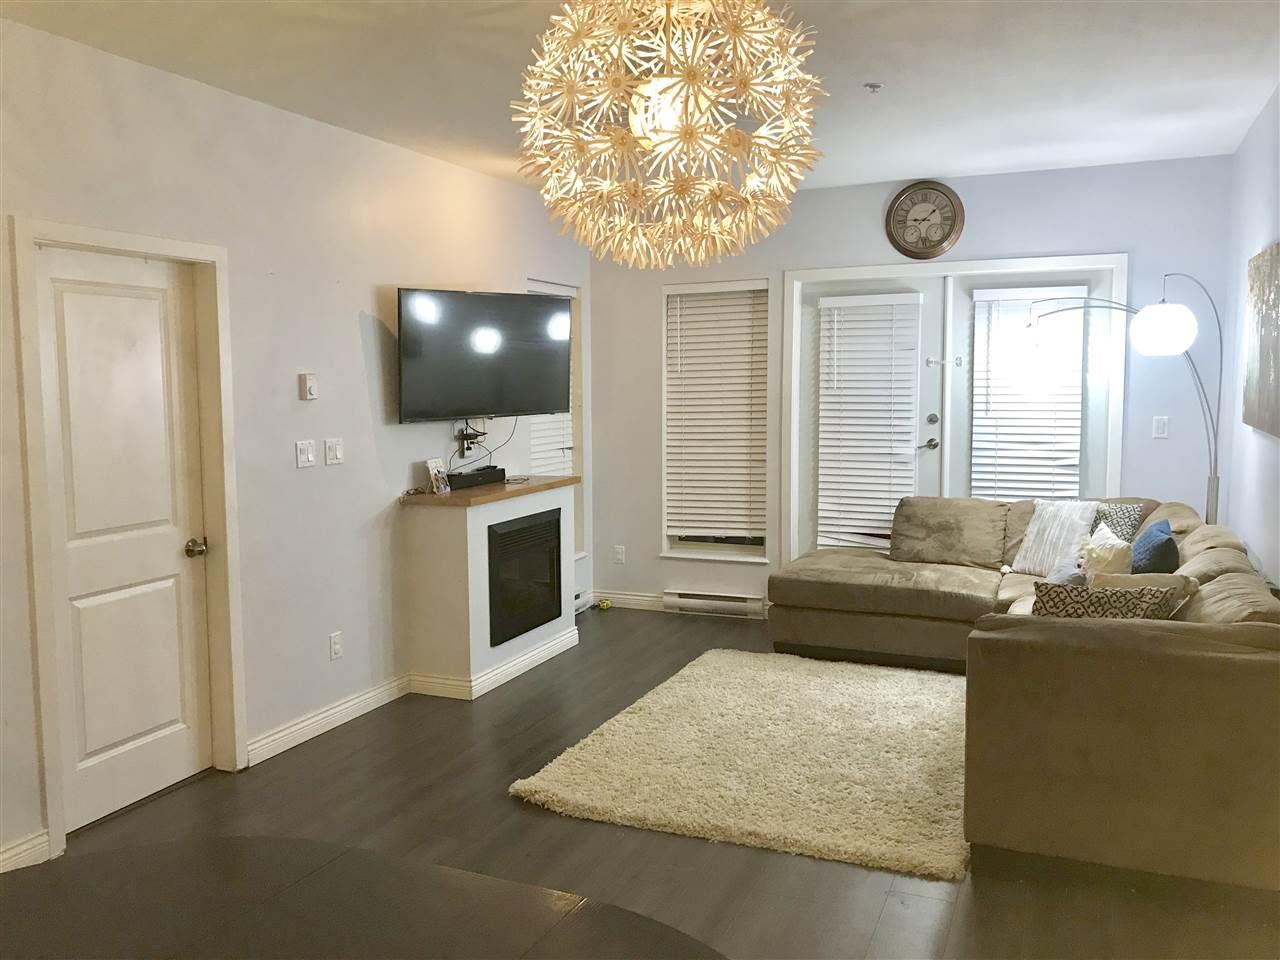 """Main Photo: 101 15322 101 Avenue in Surrey: Guildford Condo for sale in """"Ascada"""" (North Surrey)  : MLS®# R2331445"""